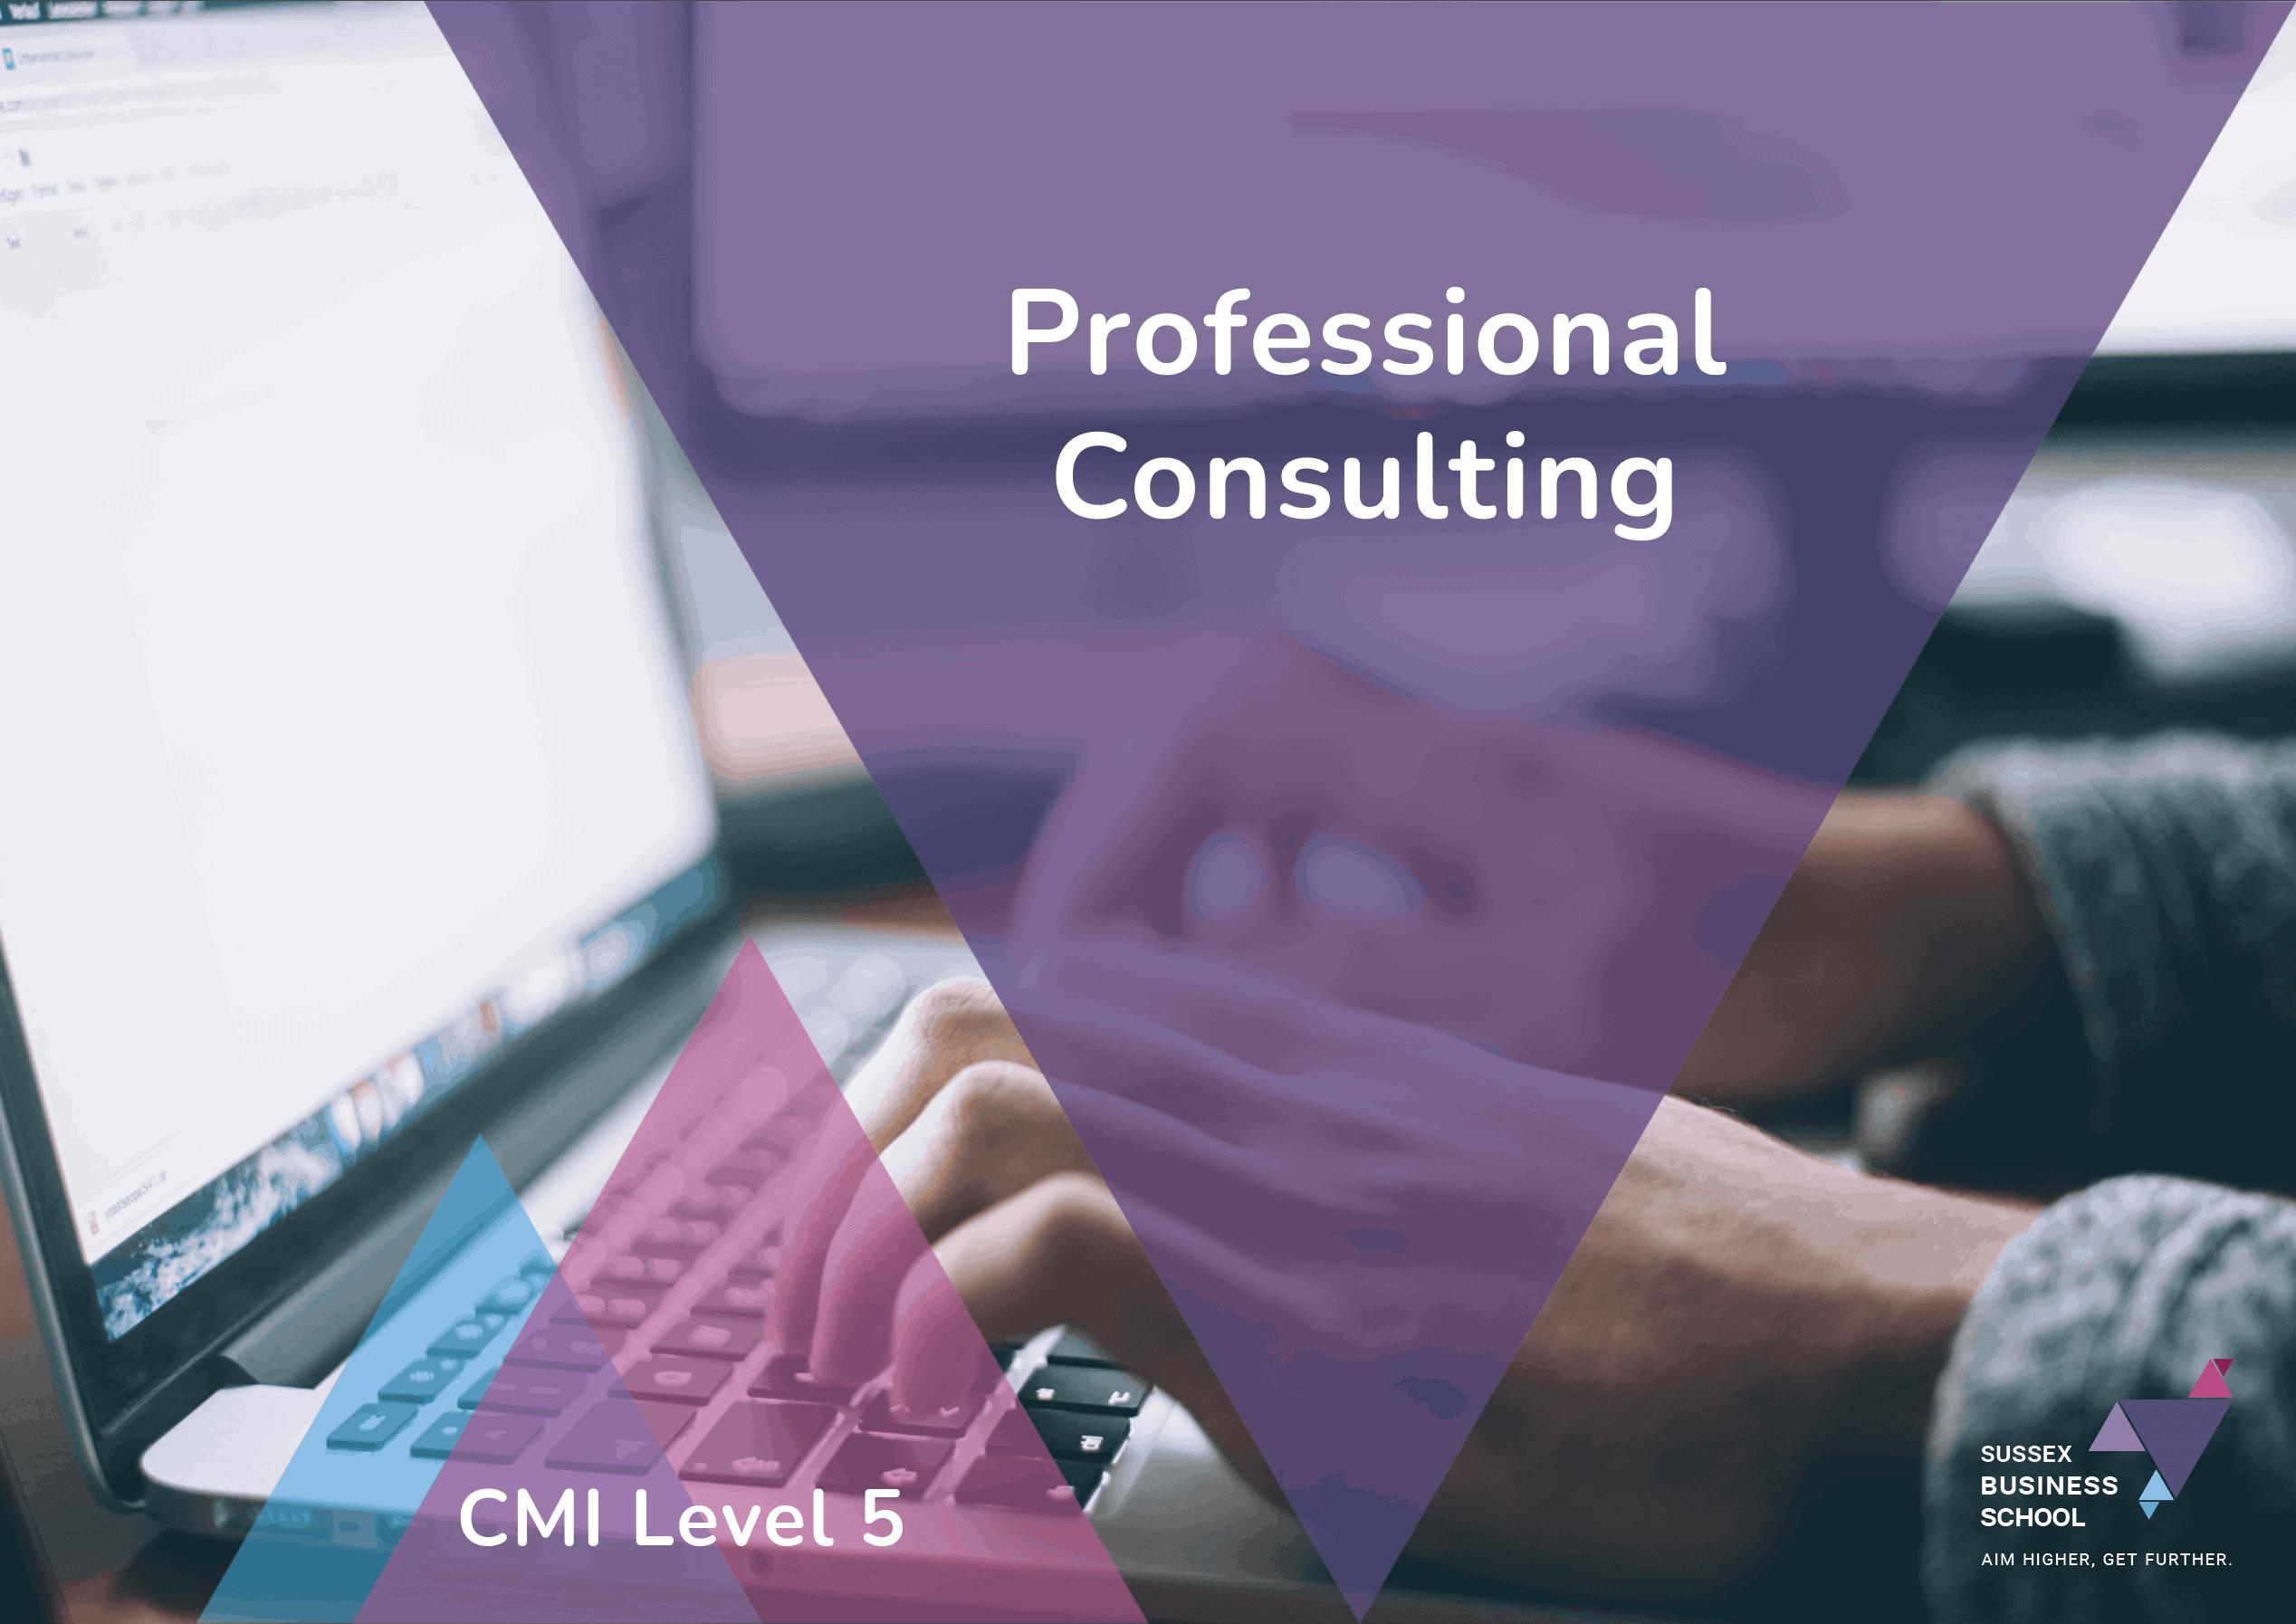 CMI Level 5 Professional Consulting PDF